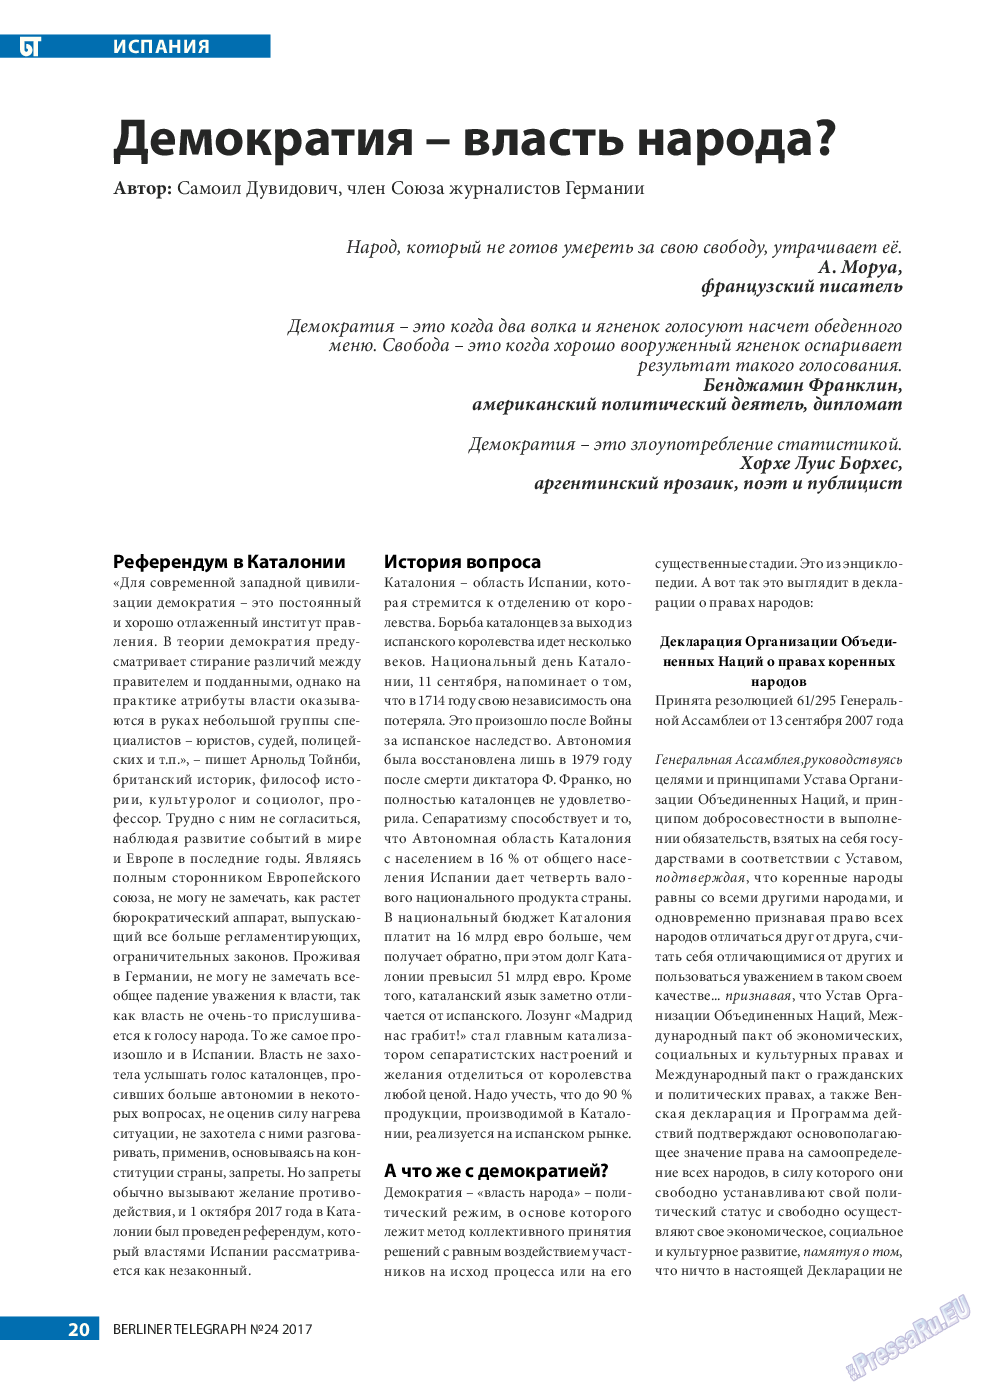 Берлинский телеграф (журнал). 2017 год, номер 24, стр. 20